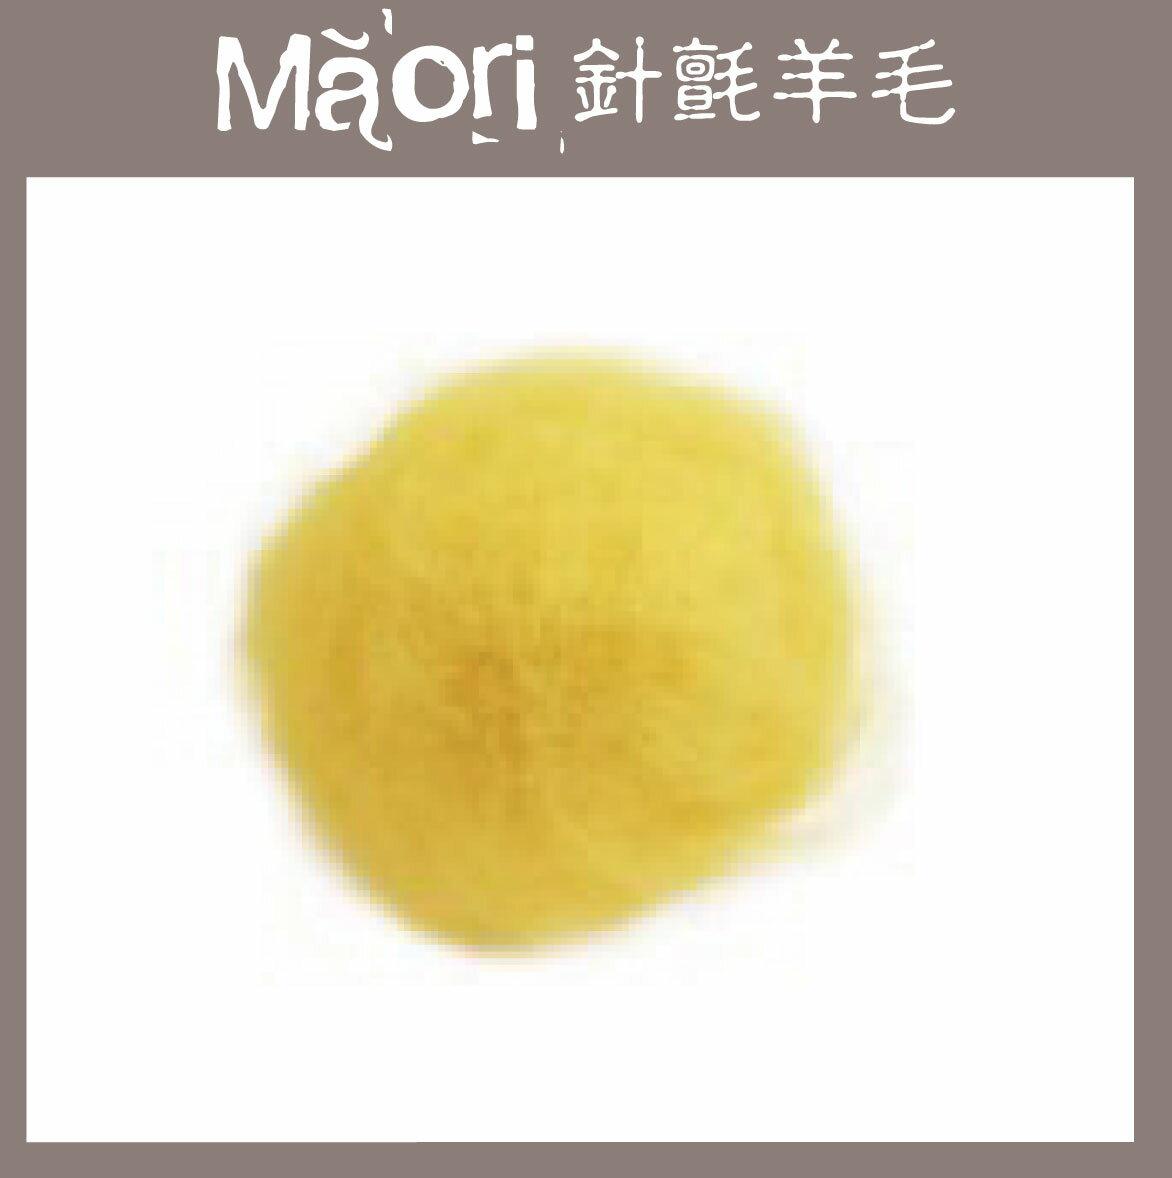 義大利托斯卡尼-Maori針氈羊毛DMR205小太陽